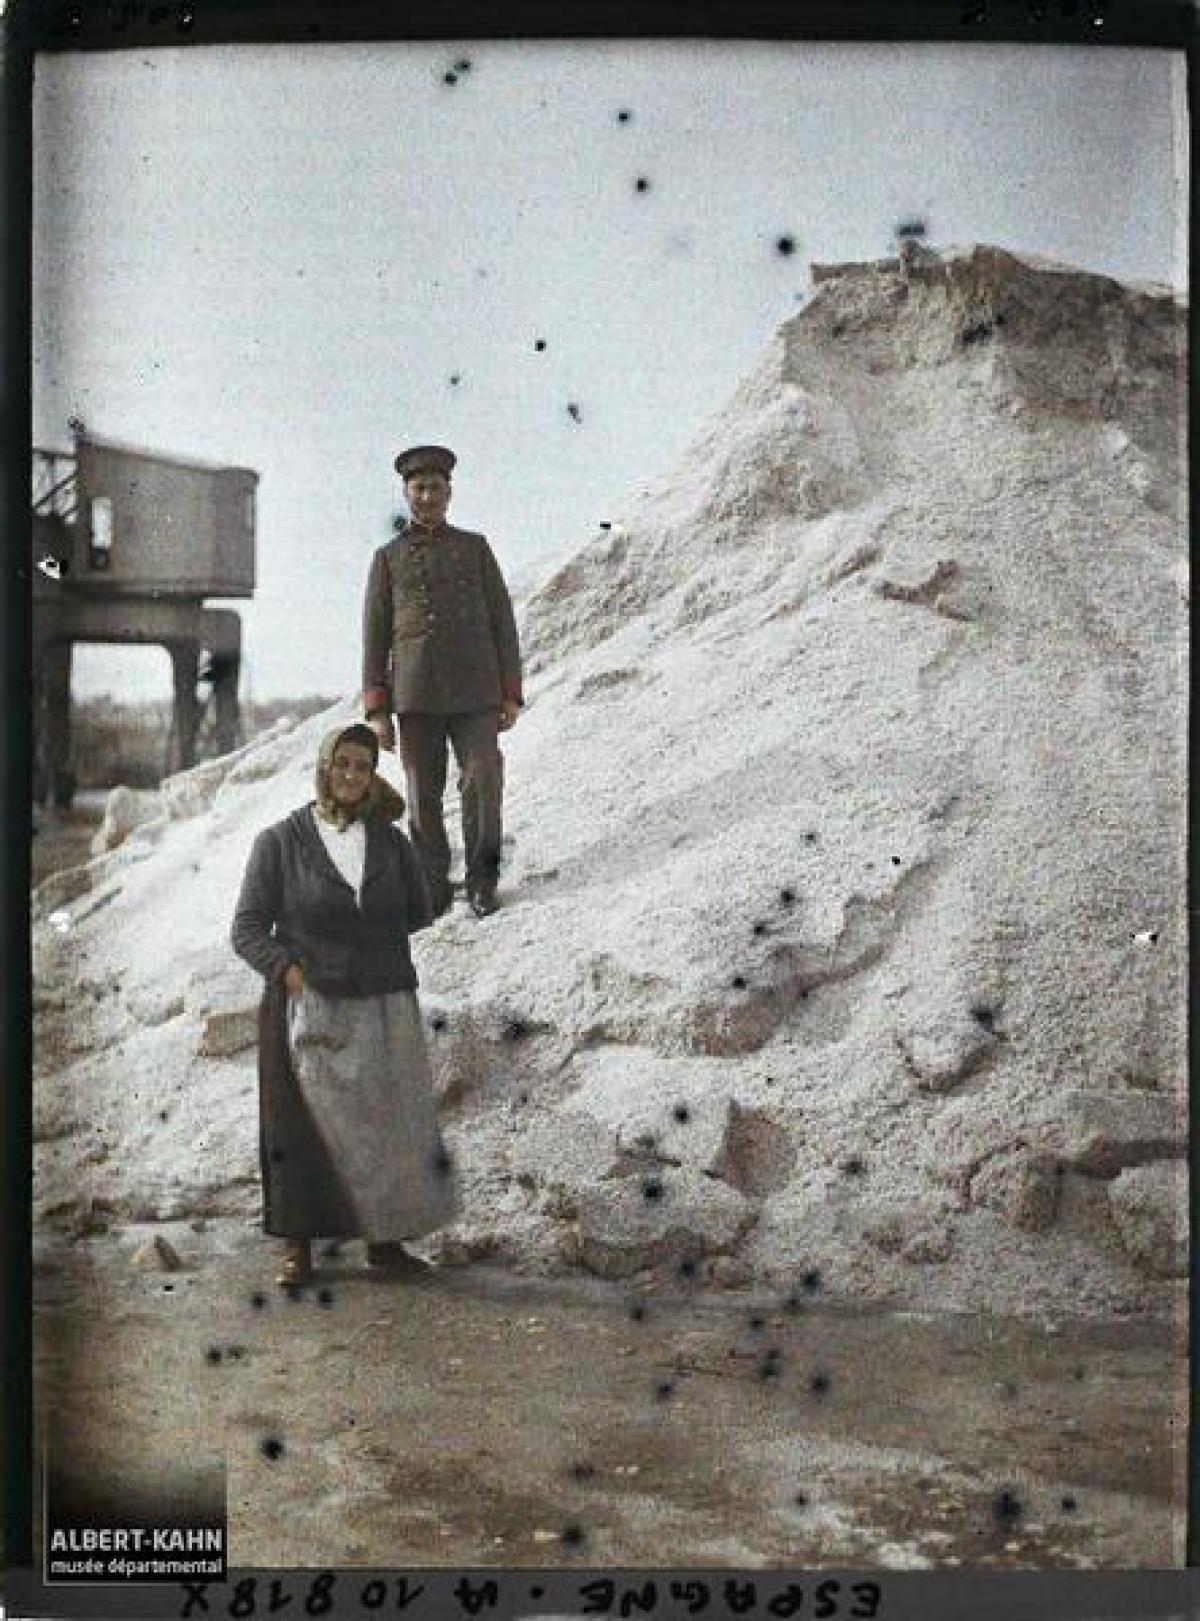 Morea de sal no Porto da Coruña (1917)